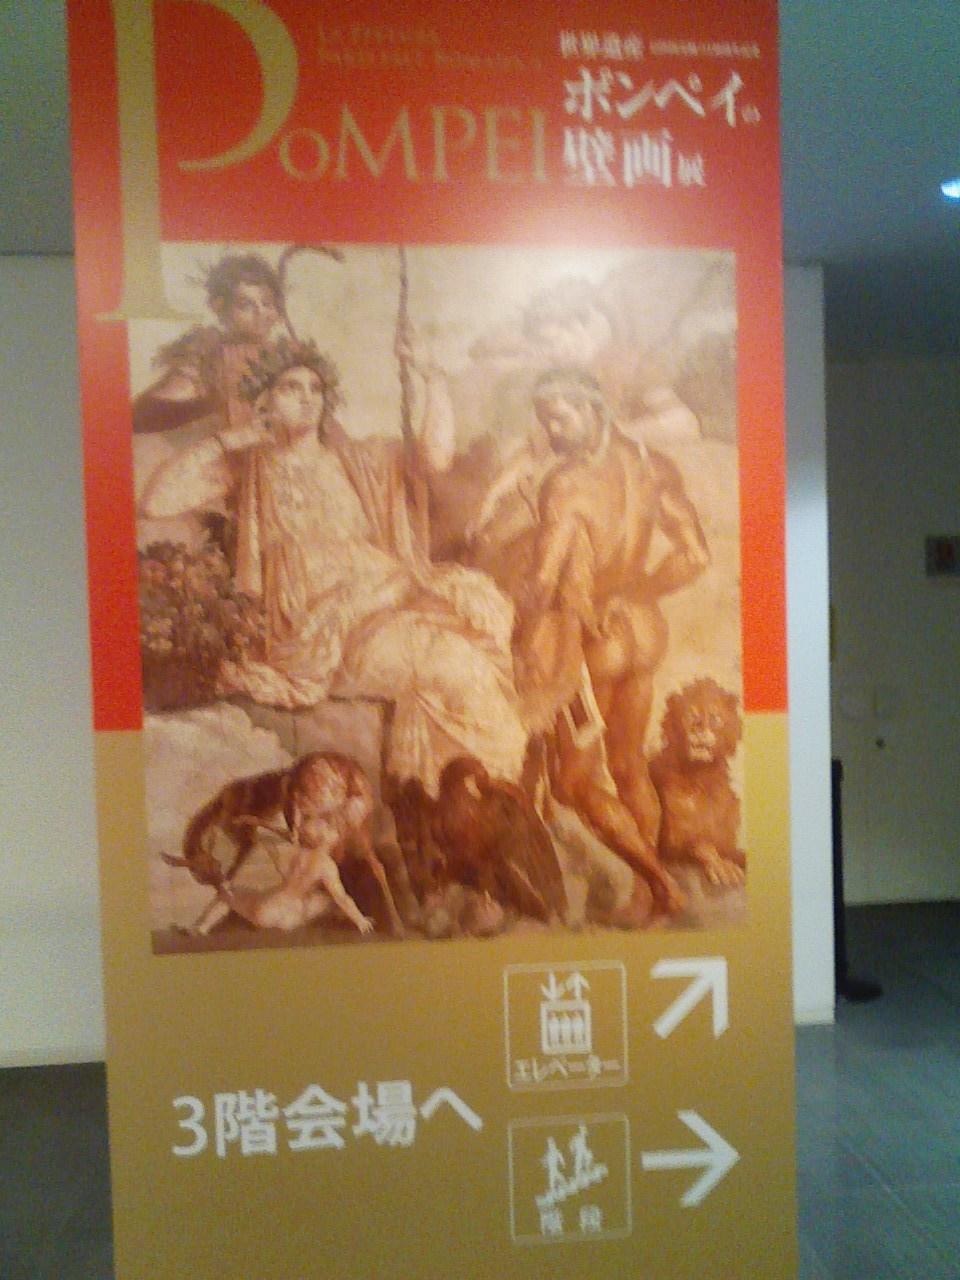 兵庫県立美術館「ポンペイの壁画展」